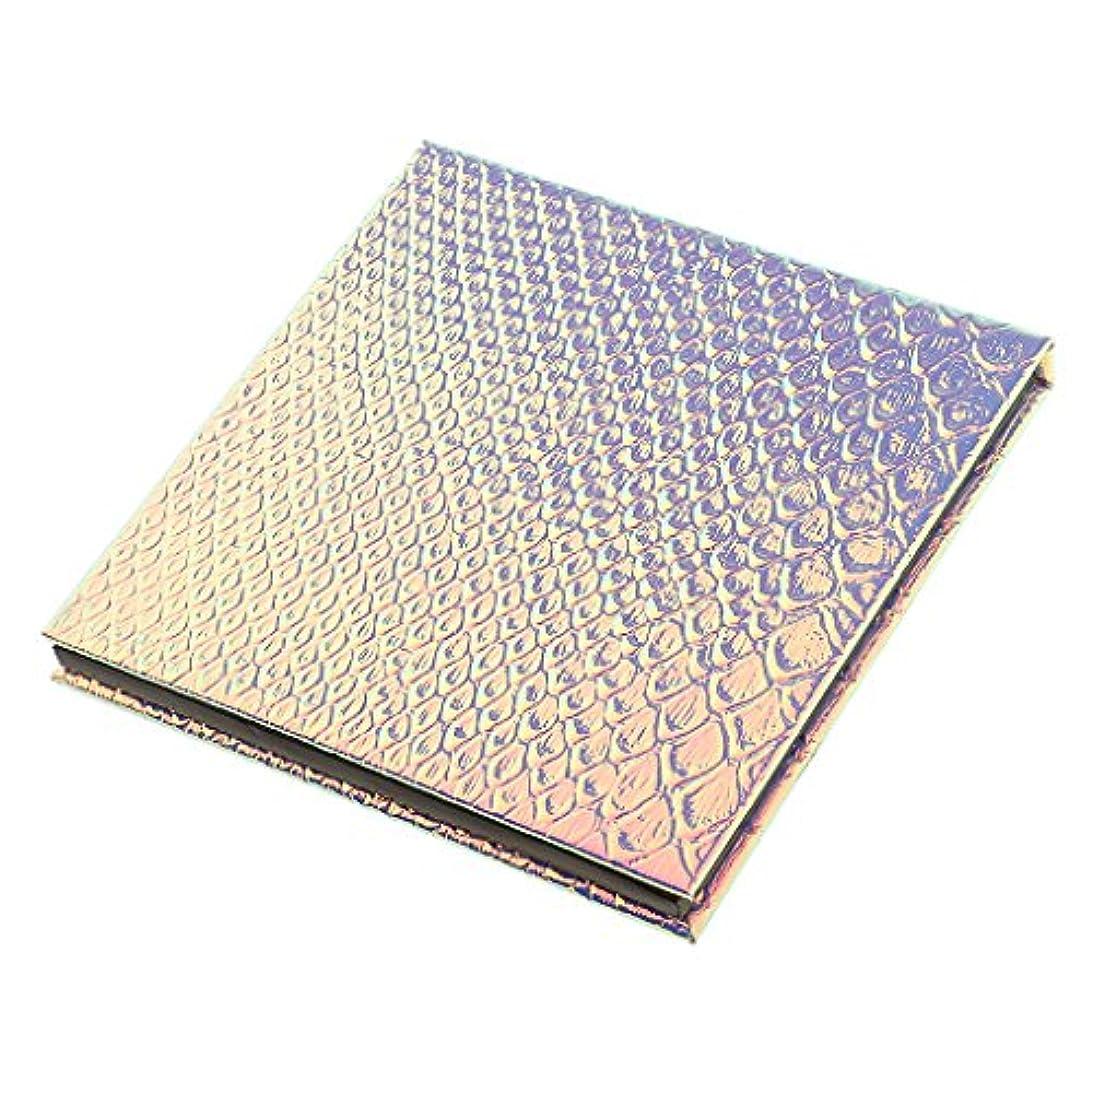 ハグ紳士メガロポリスBaosity 磁気パレットボックス 空の磁気パレット メイクアップ 化粧 コスメ 収納 ボックス 全2サイズ選べ - 10x10cm